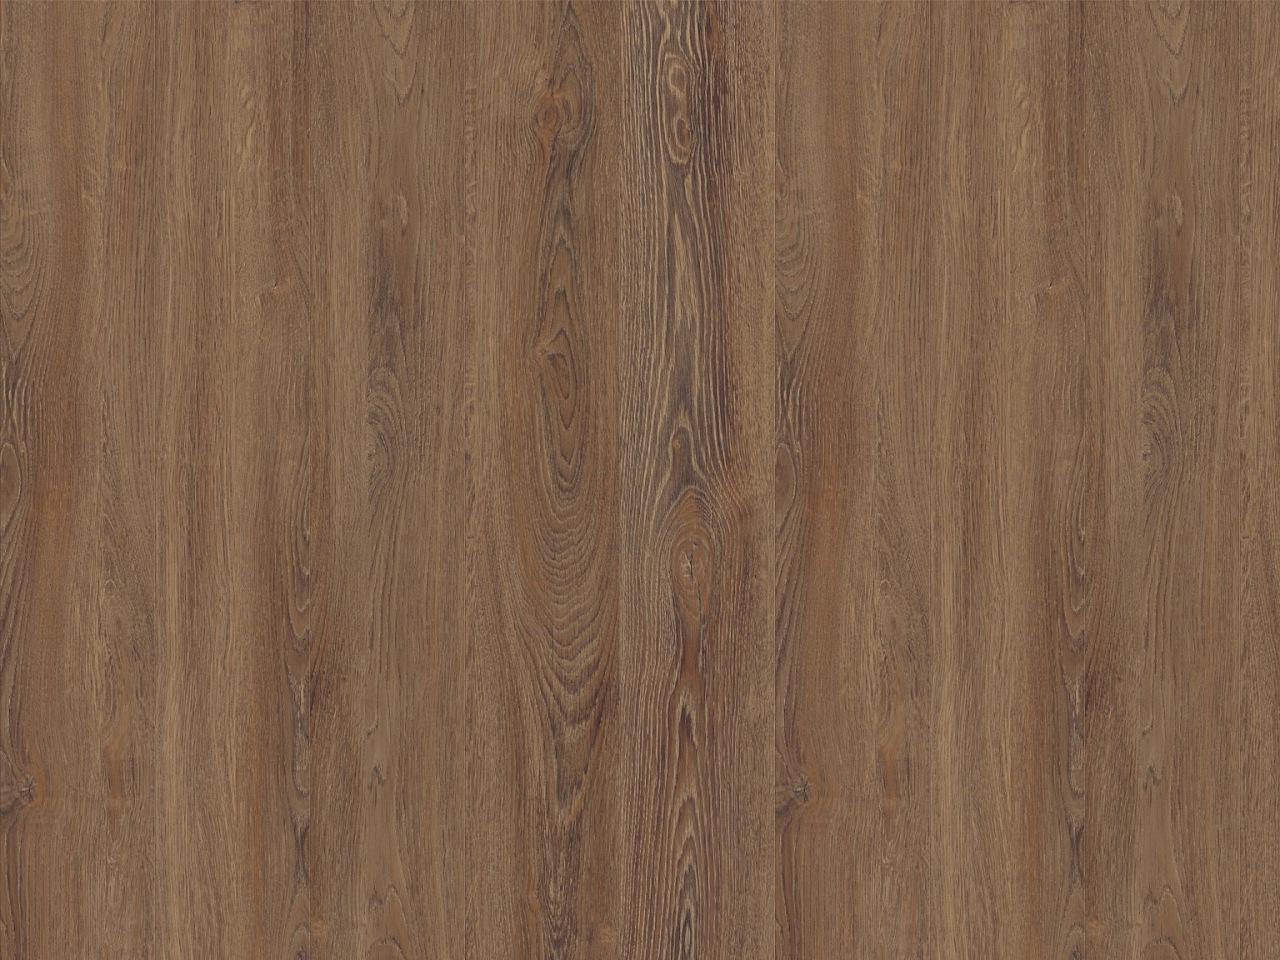 Designbelag Adamo wood – Eiche Gent, 344001